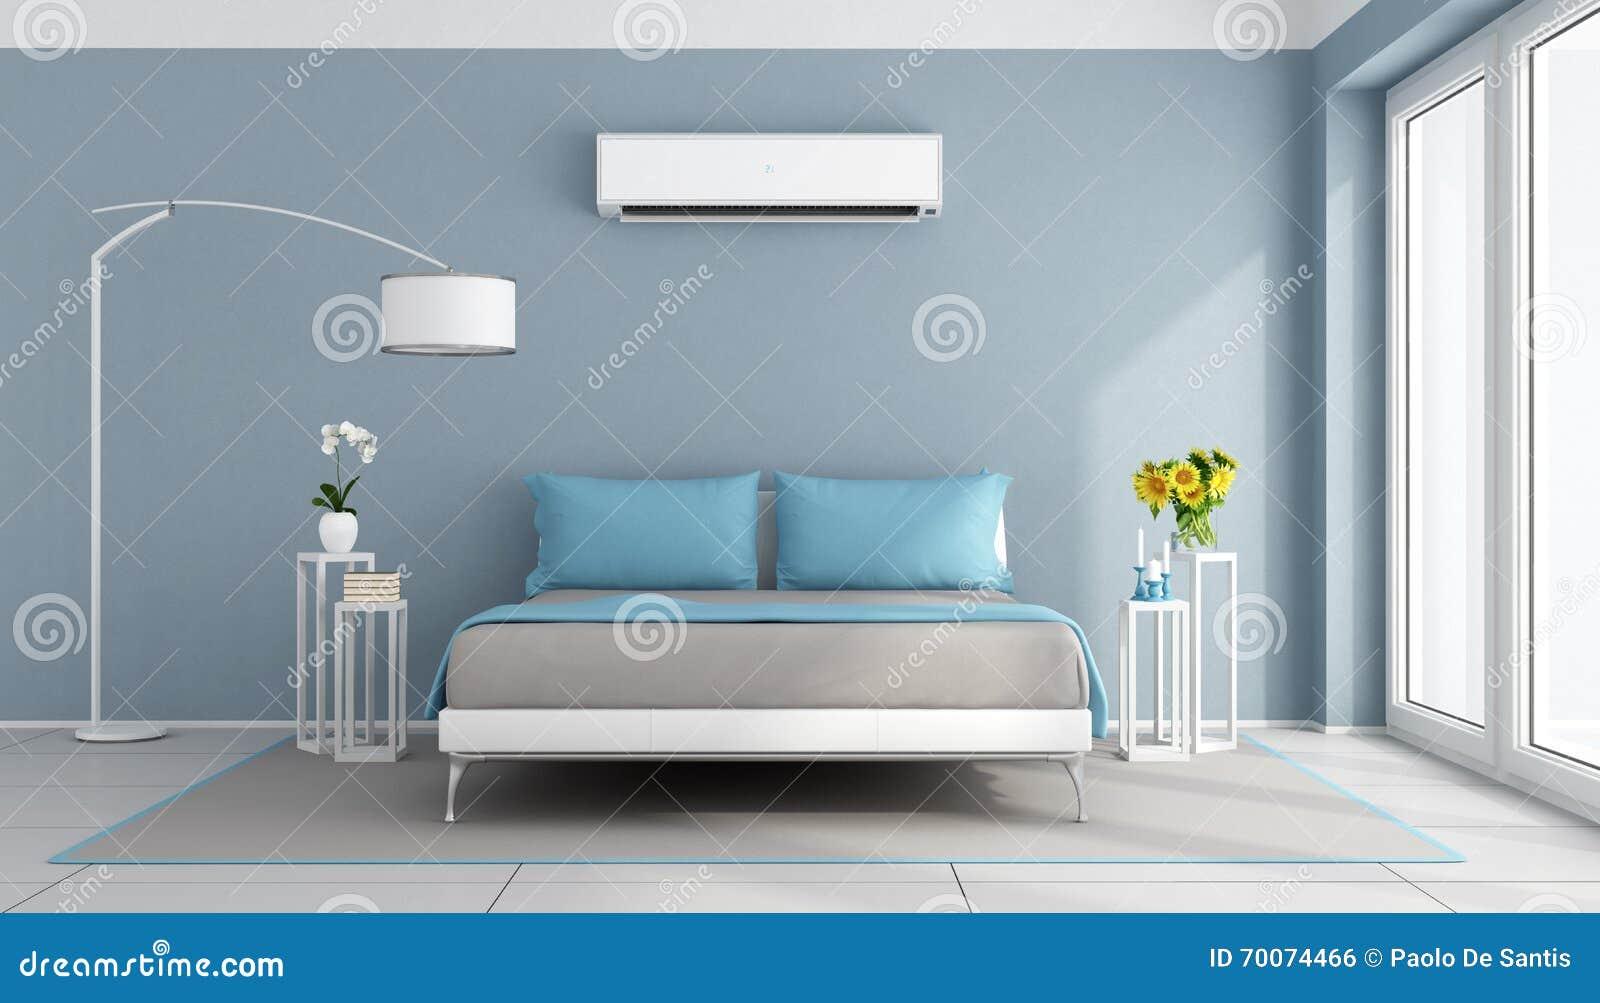 klimaanlage schlafzimmer – progo, Schlafzimmer entwurf